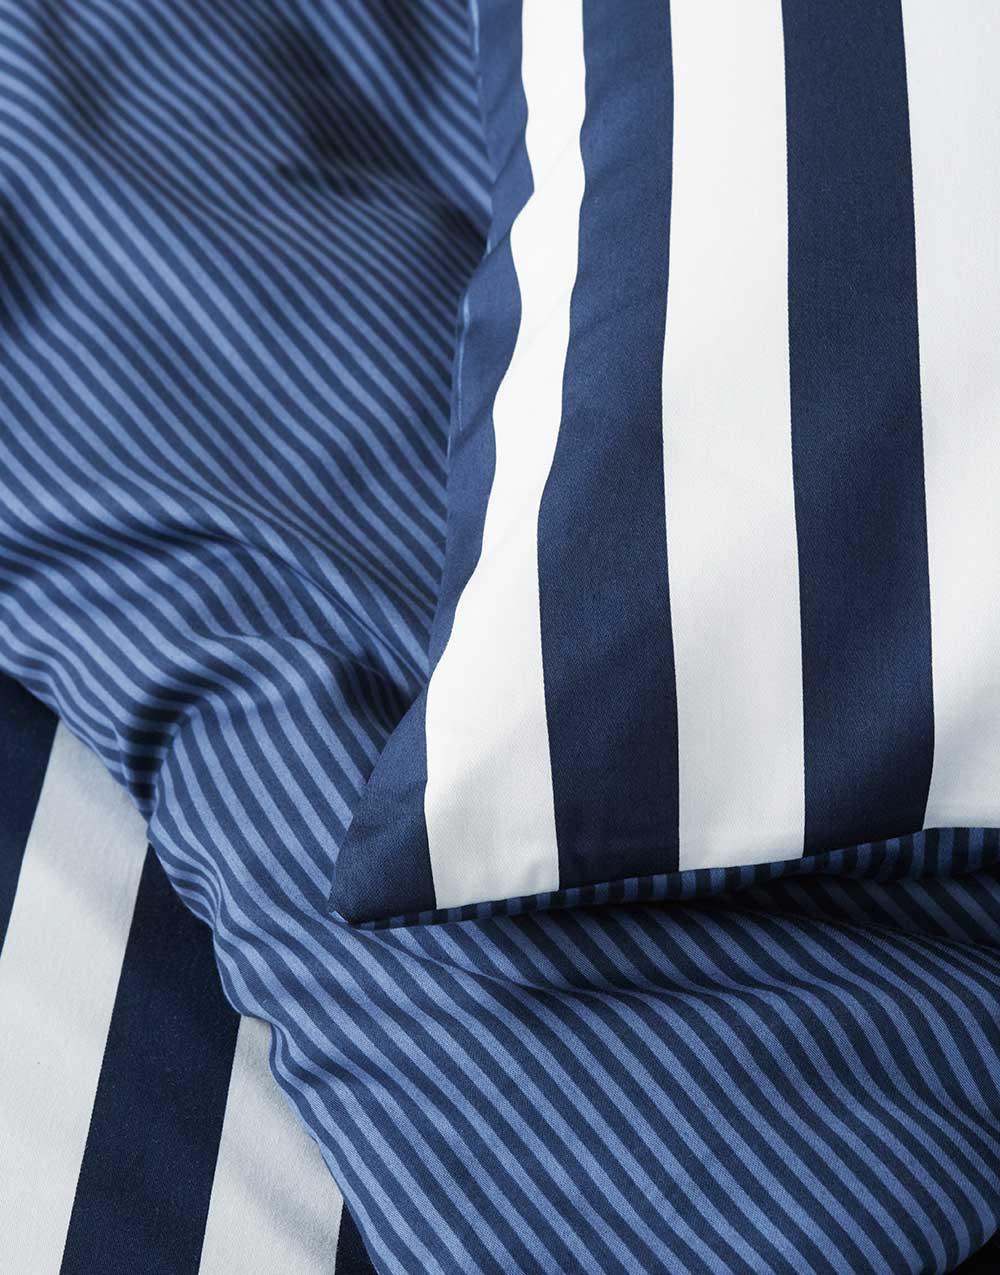 Inspiration indenfor boliginteriør   håndklæder, sengetøj, duge mm ...